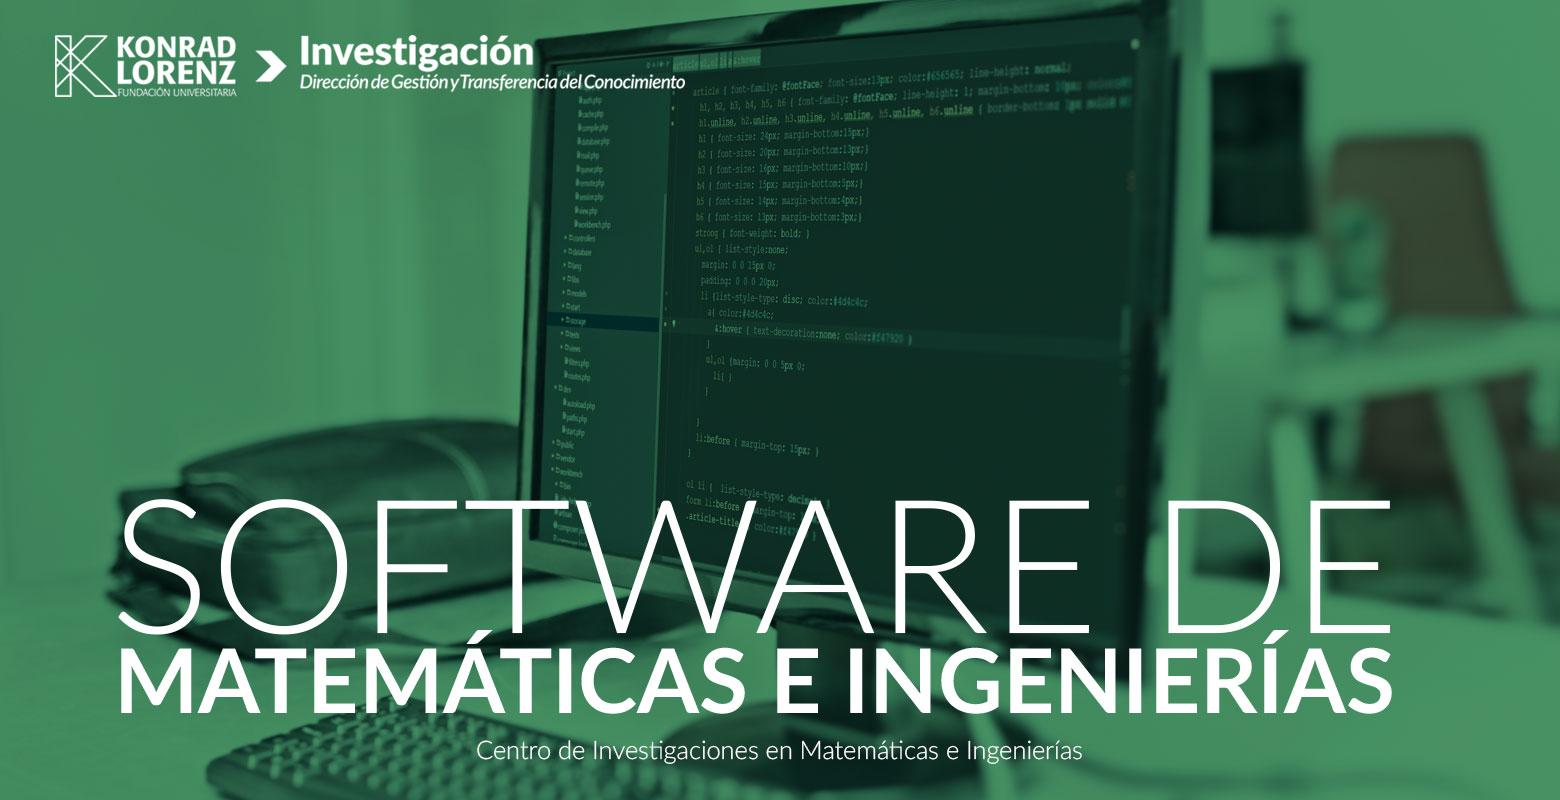 Software de Matemáticas e Ingenierías